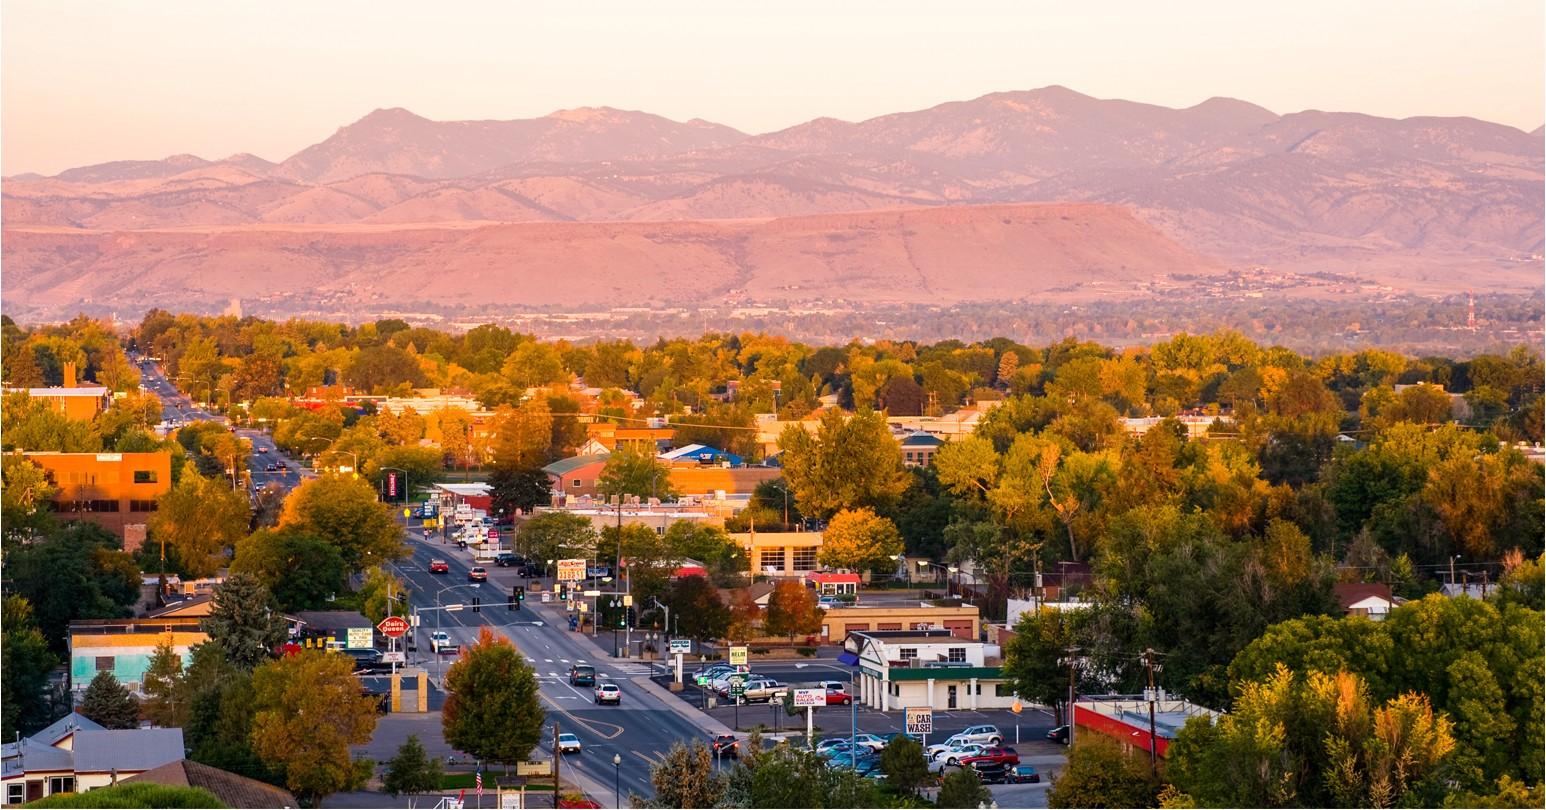 Wheat Ridge, Colorado Real Estate Market Report June 2021